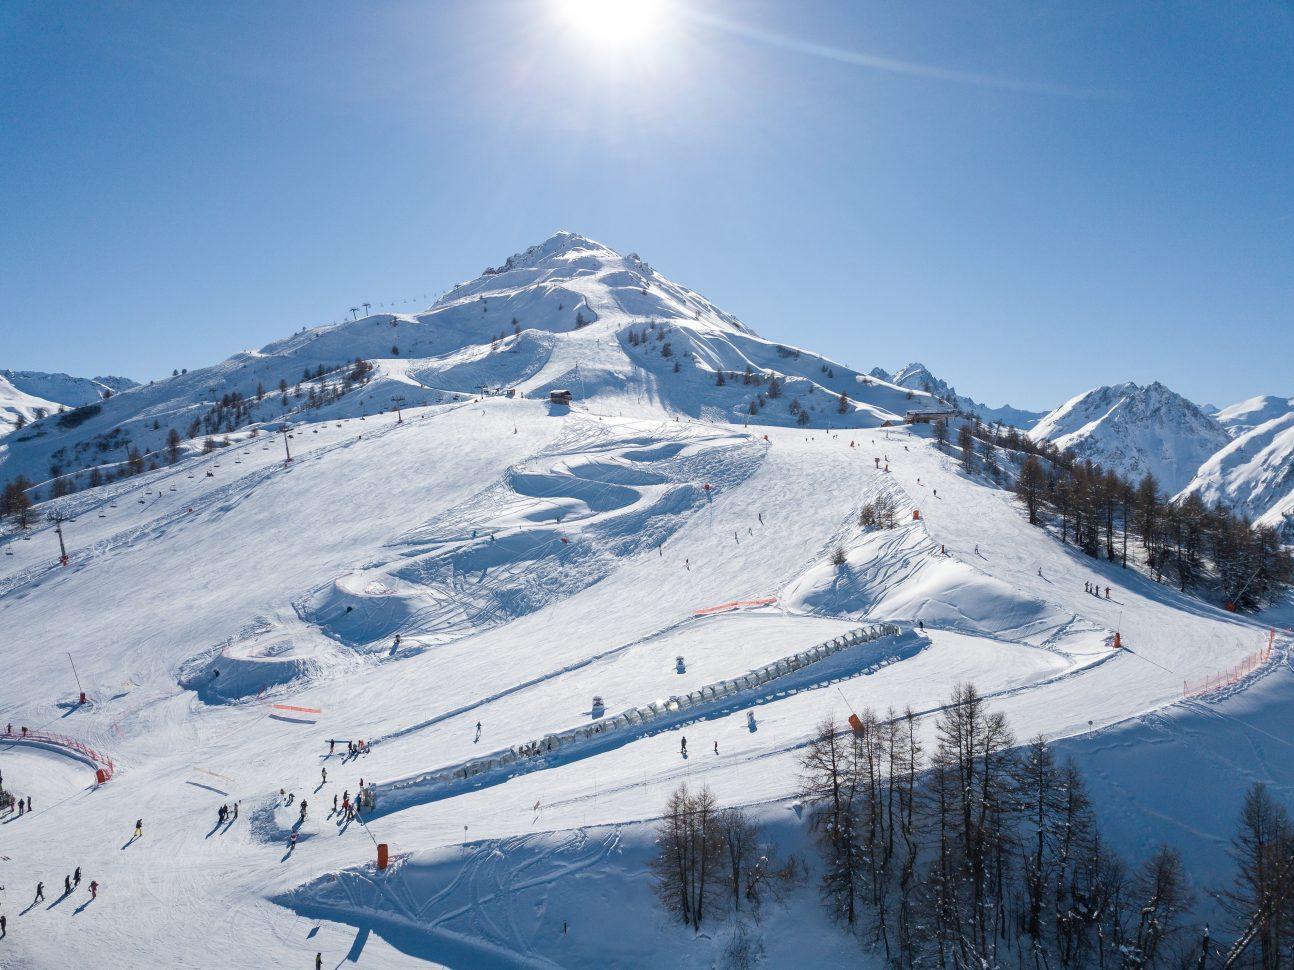 Domaine Skiable de Valloire - Massif de la Sétaz